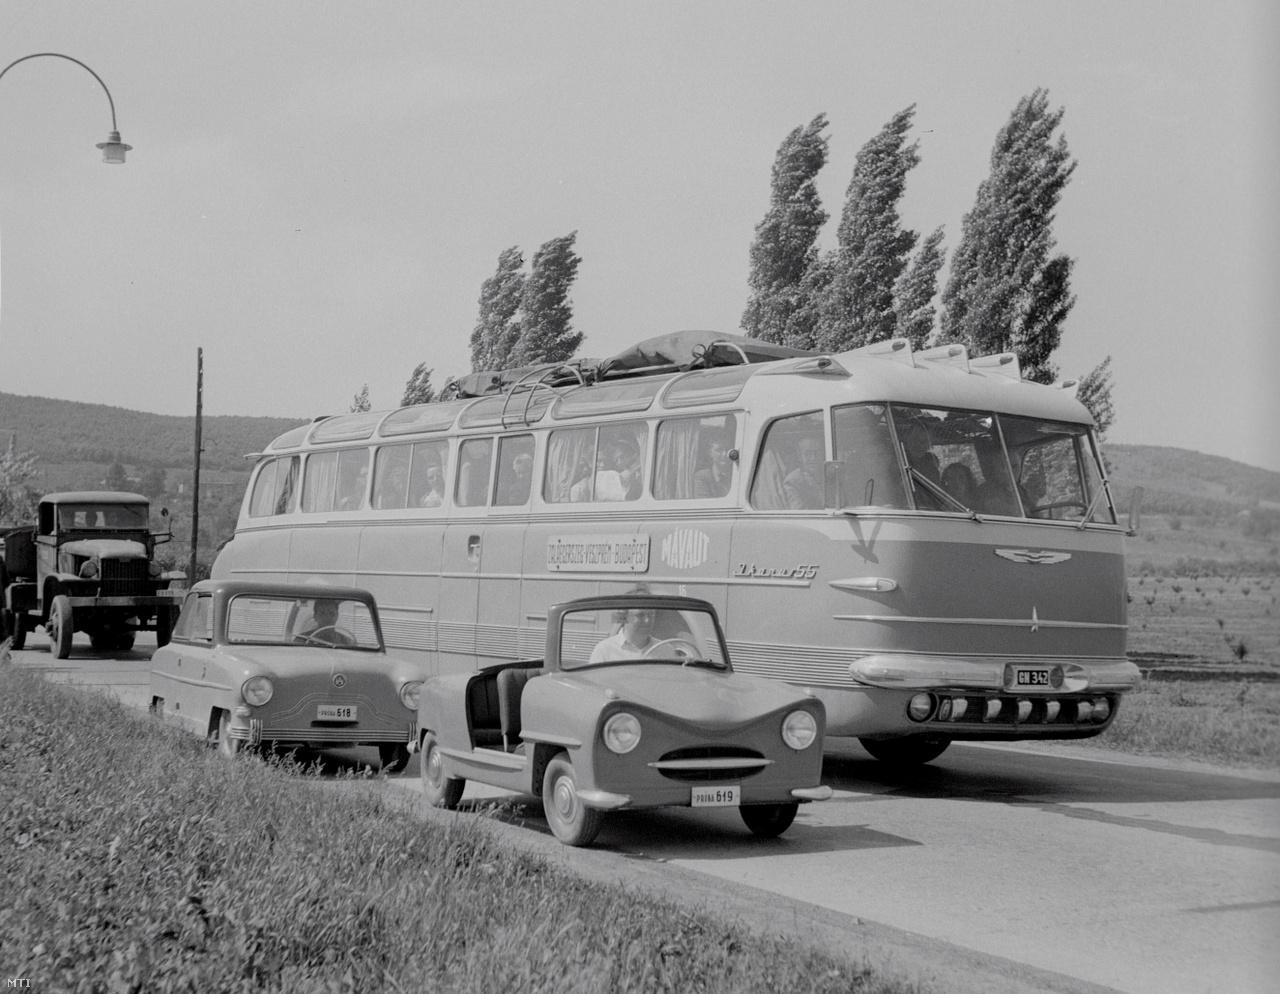 1956. június 1.: az első magyar törpeautó két prototípusa, a Balaton és az Alba Regia egy Ikarus autóbusz mellett. A Székesfehérvári Motorjavító Vállalat által tervezett törpeautókba 250 köbcentiméteres Pannónia motorkerékpár-motorokat szereltek be. A gépkocsi teljesen hazai anyagokból készült